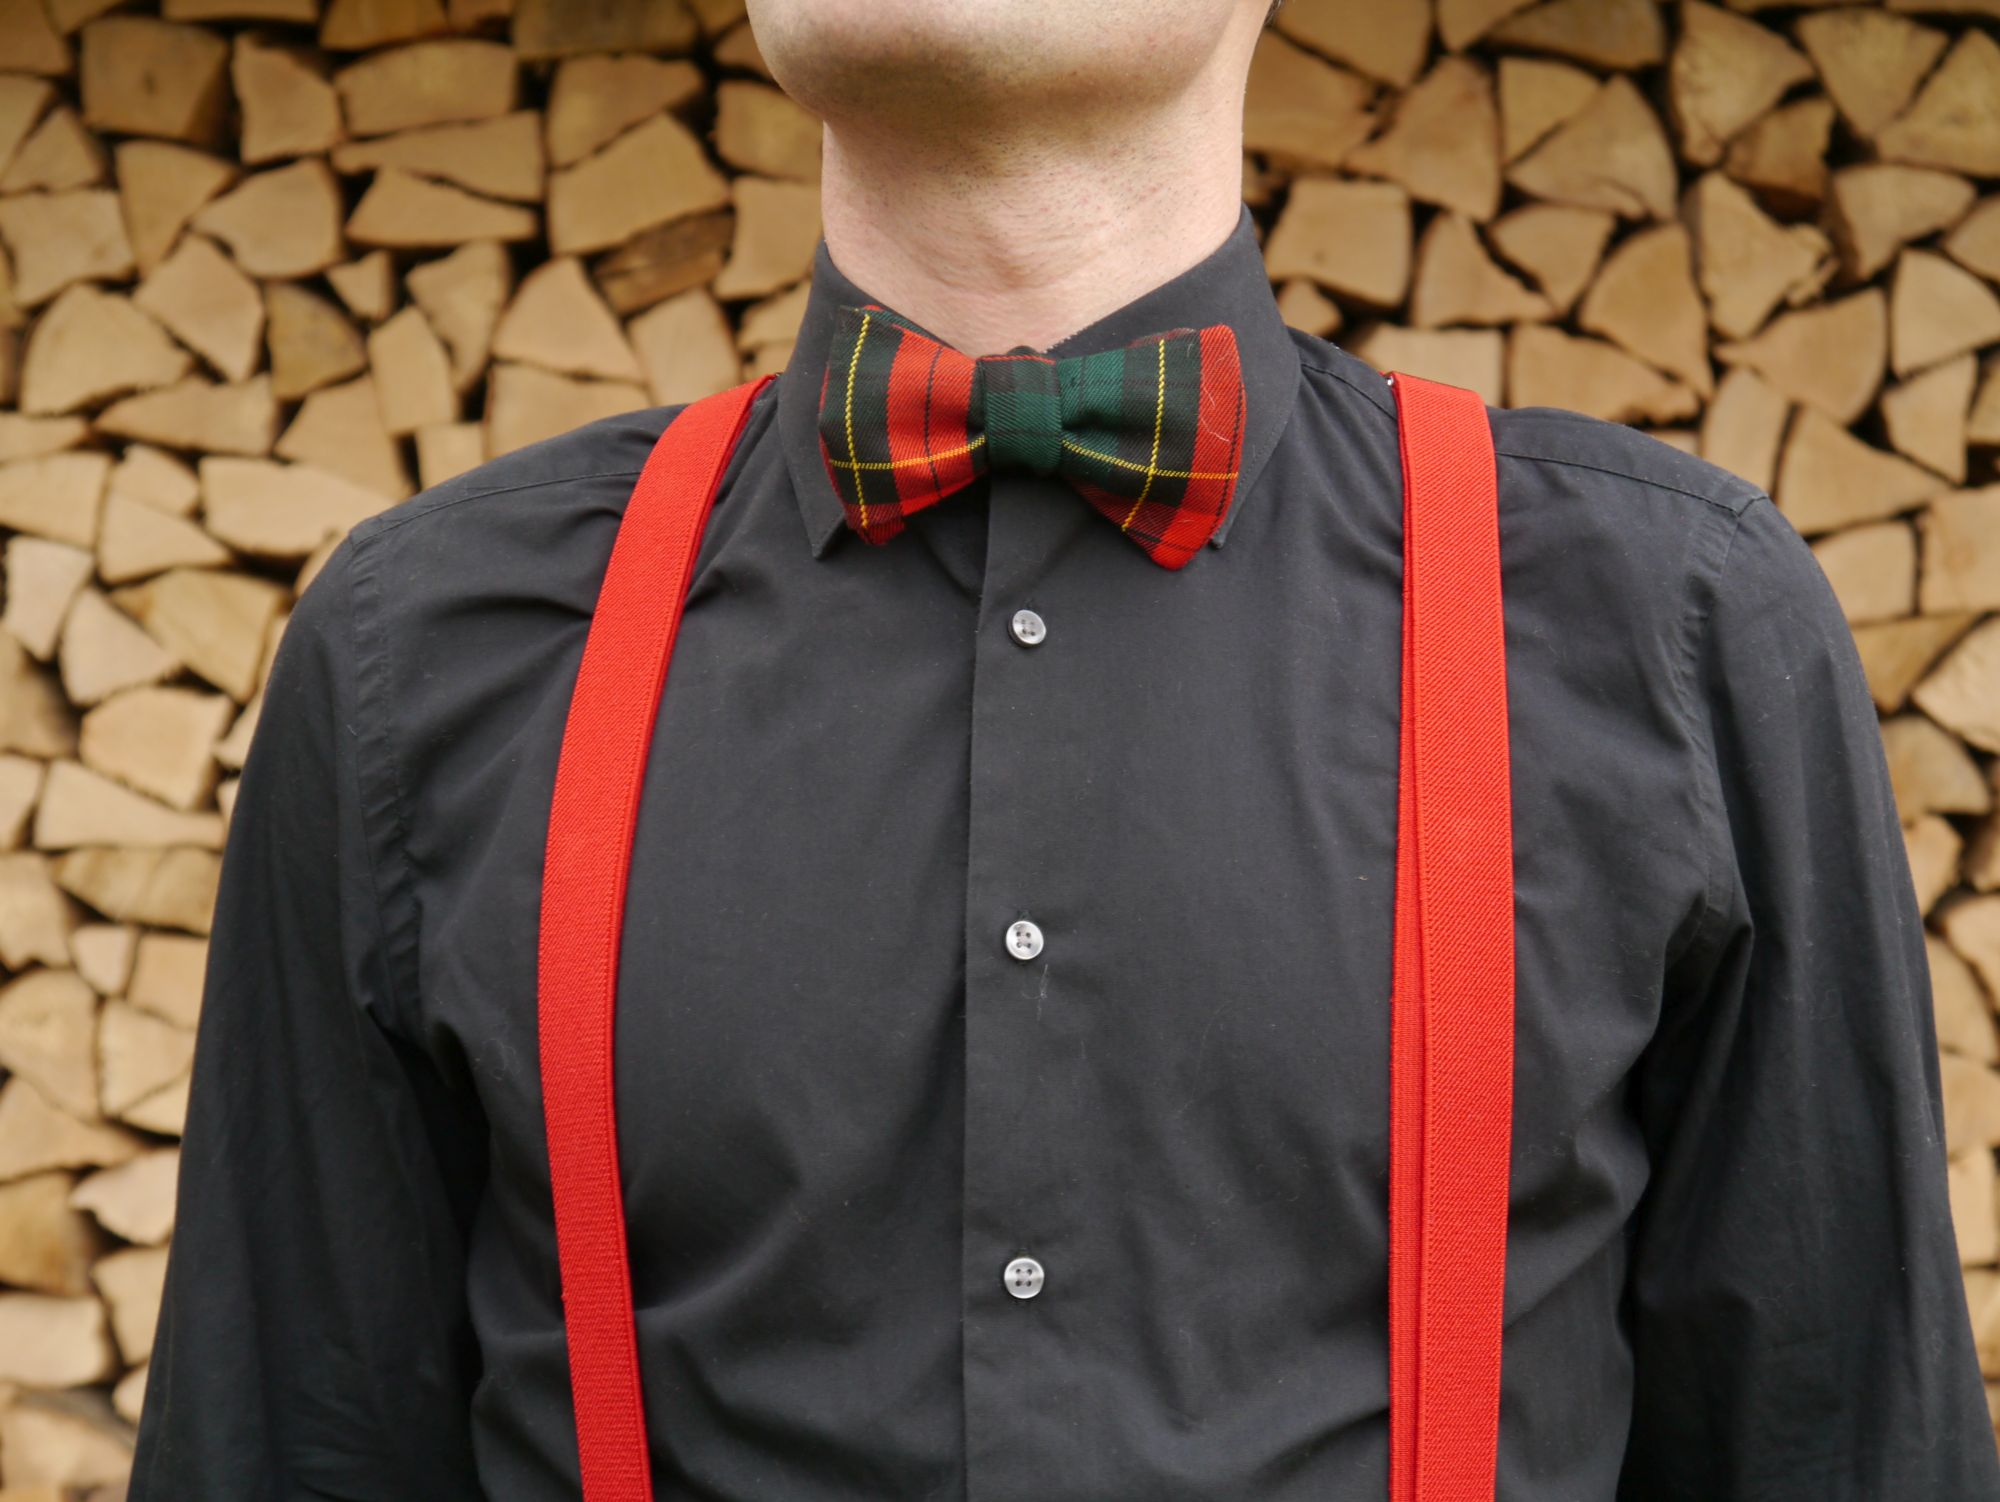 weihnachtsfliege grün rote fliege mit roten hosenträger auf schwarzes hemd